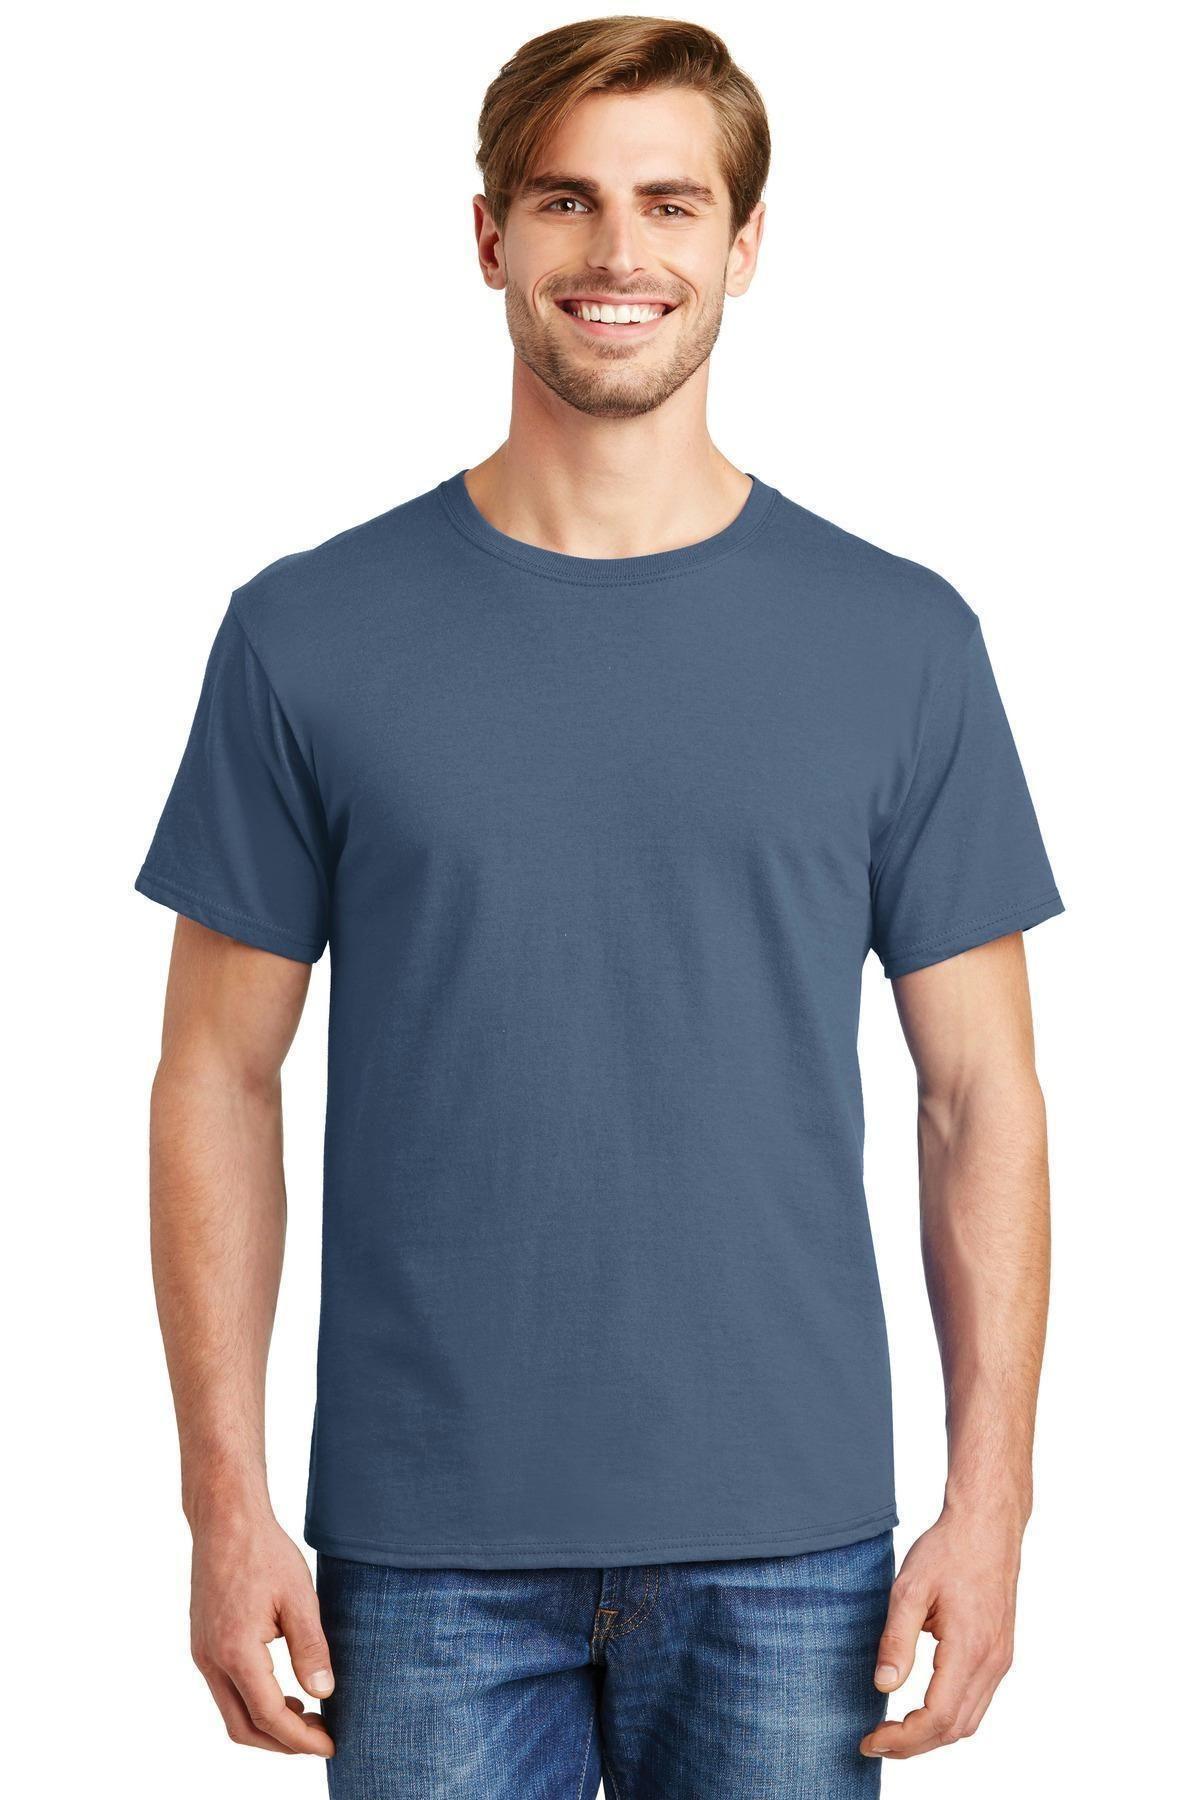 ss Hanes Men/'s ComfortSoft Heavyweight 100/% Cotton Tagless S-3XL T-Shirt 5280